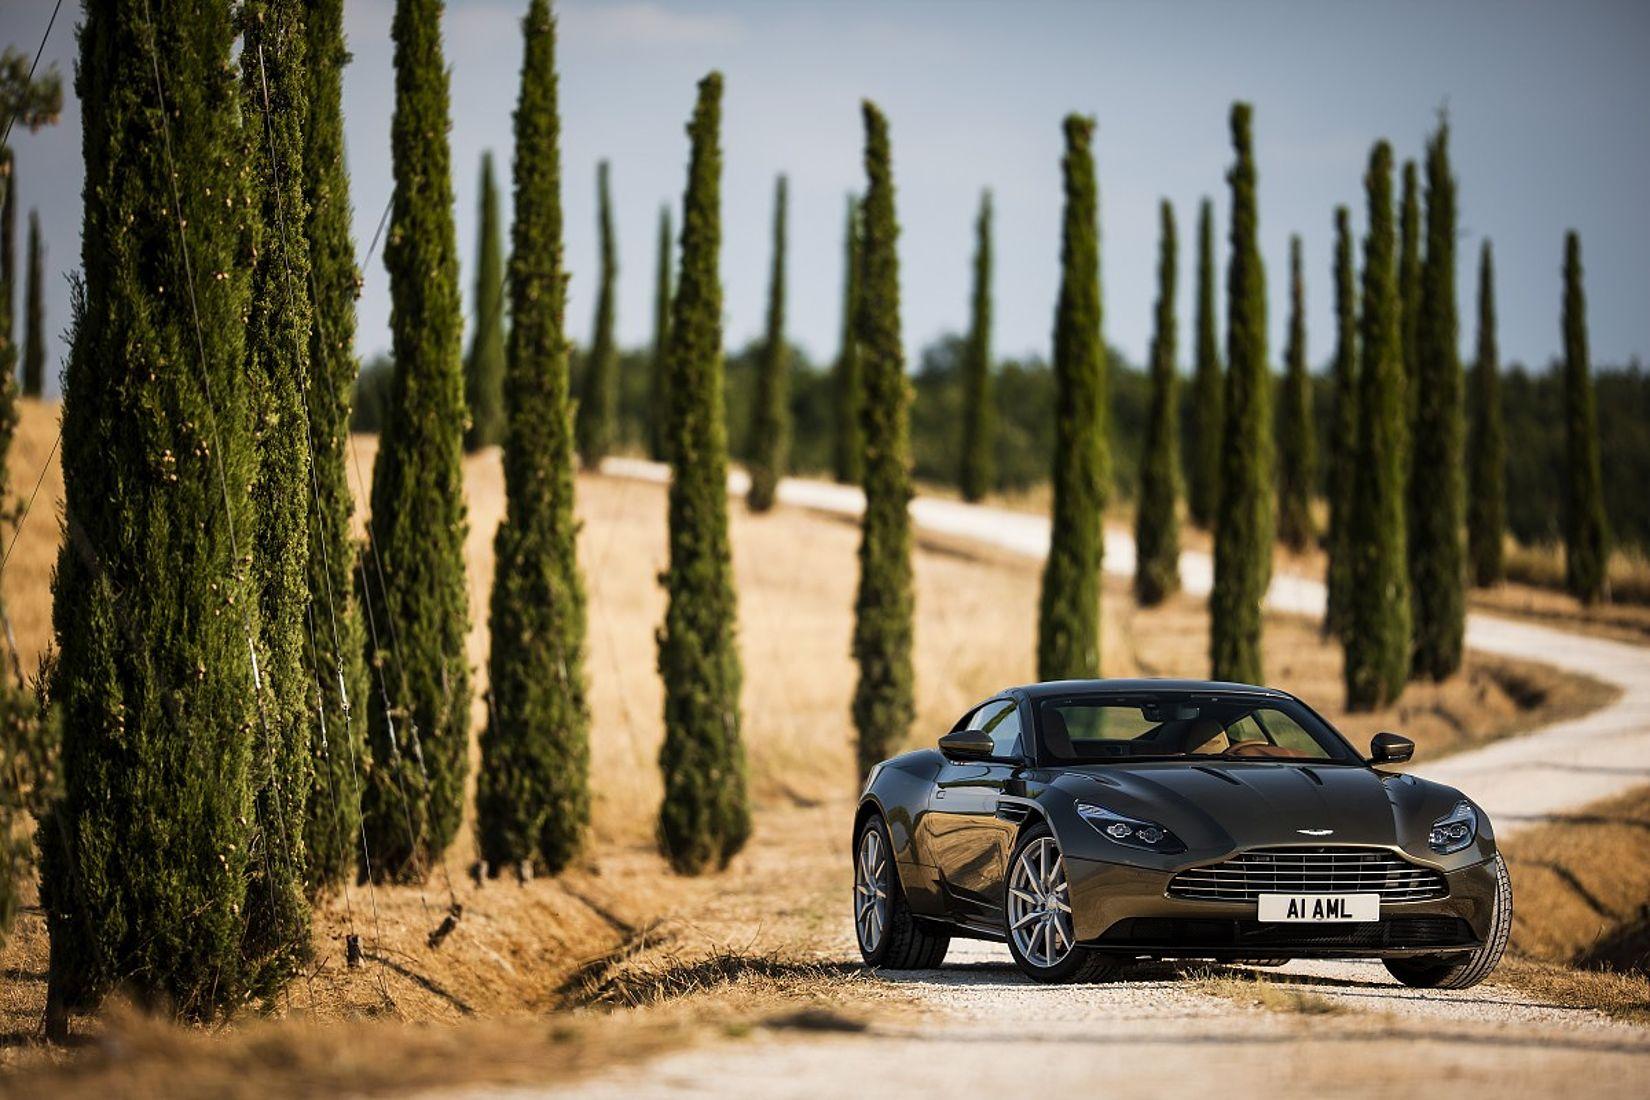 Fotogalerien Rund Um Aston Martin München